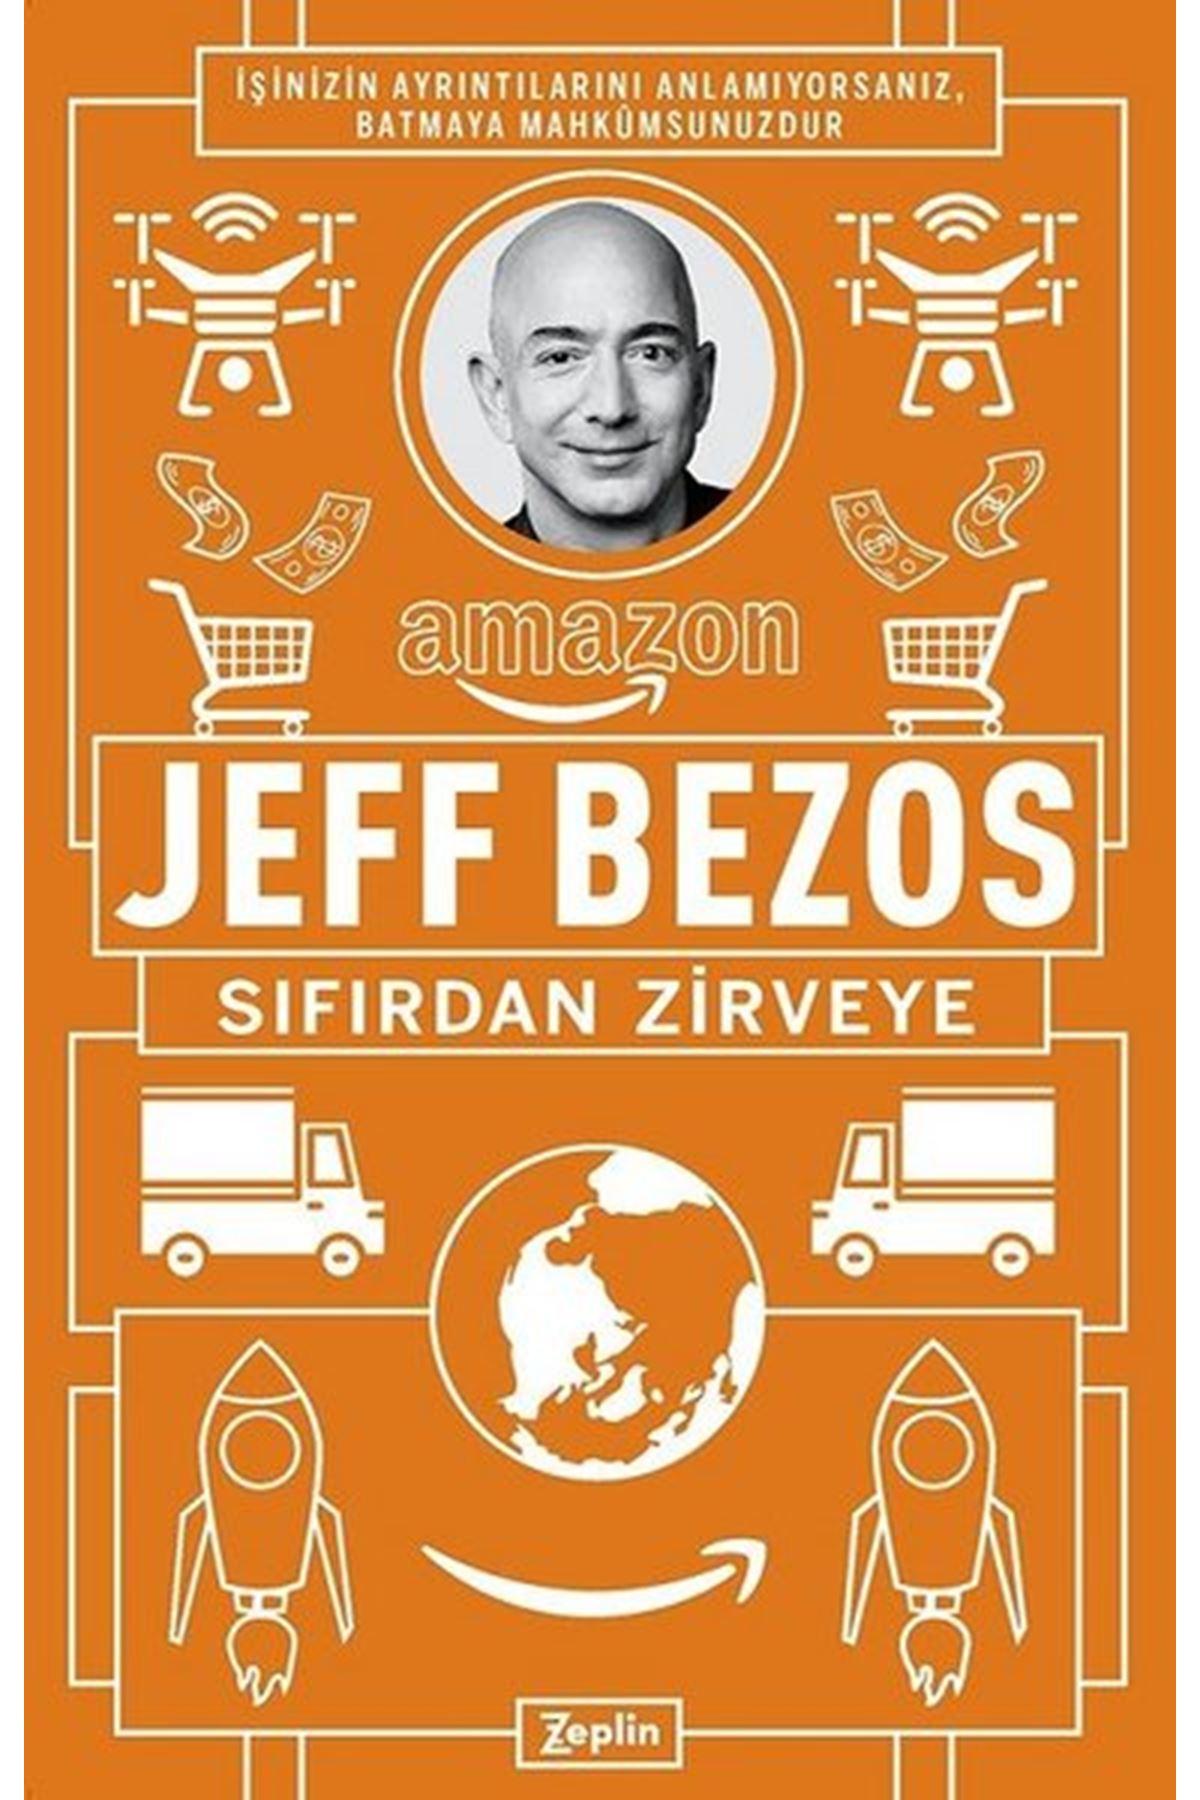 JEFF BAZOS - SIFIRDAN ZİRVEYE